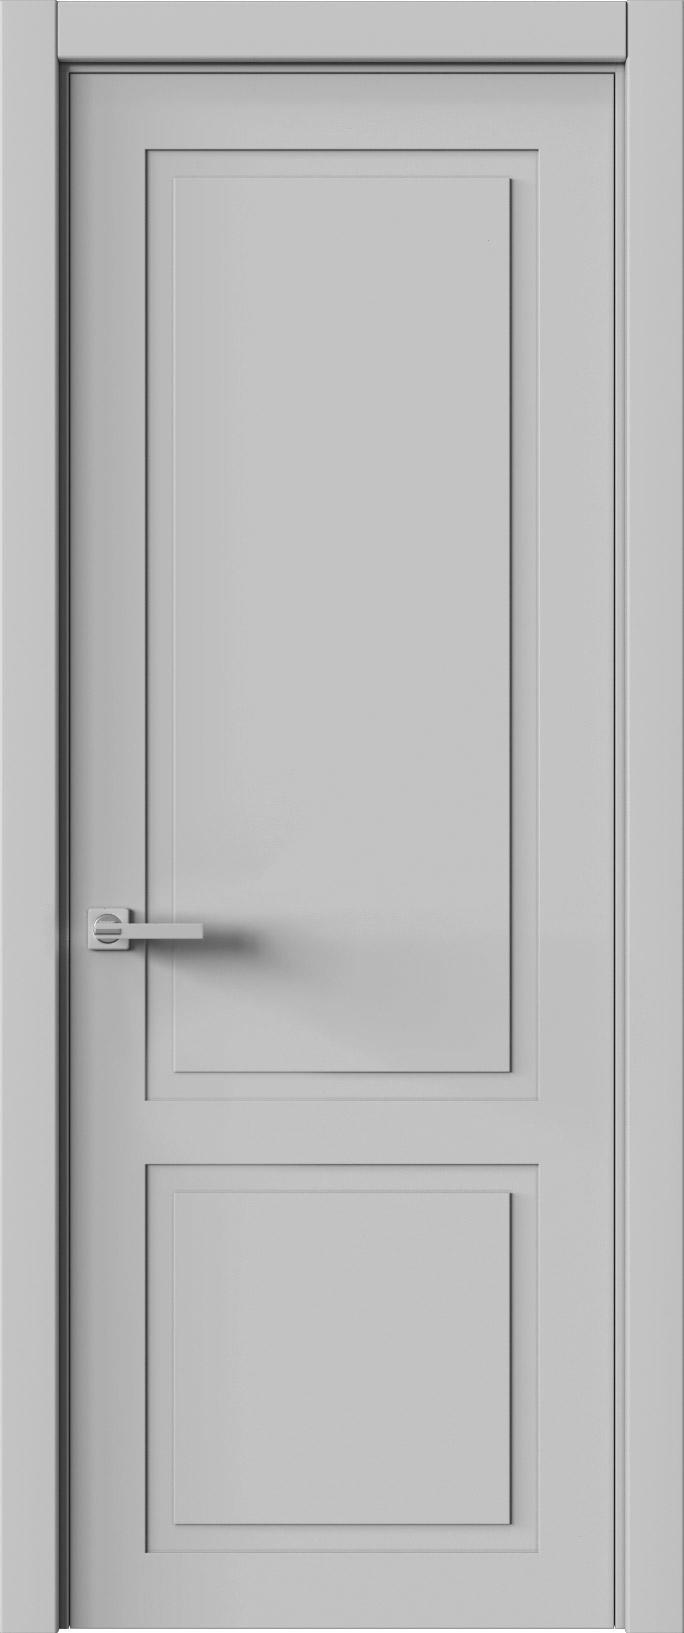 Tivoli И-5 цвет - Серая эмаль (RAL 7047) Без стекла (ДГ)